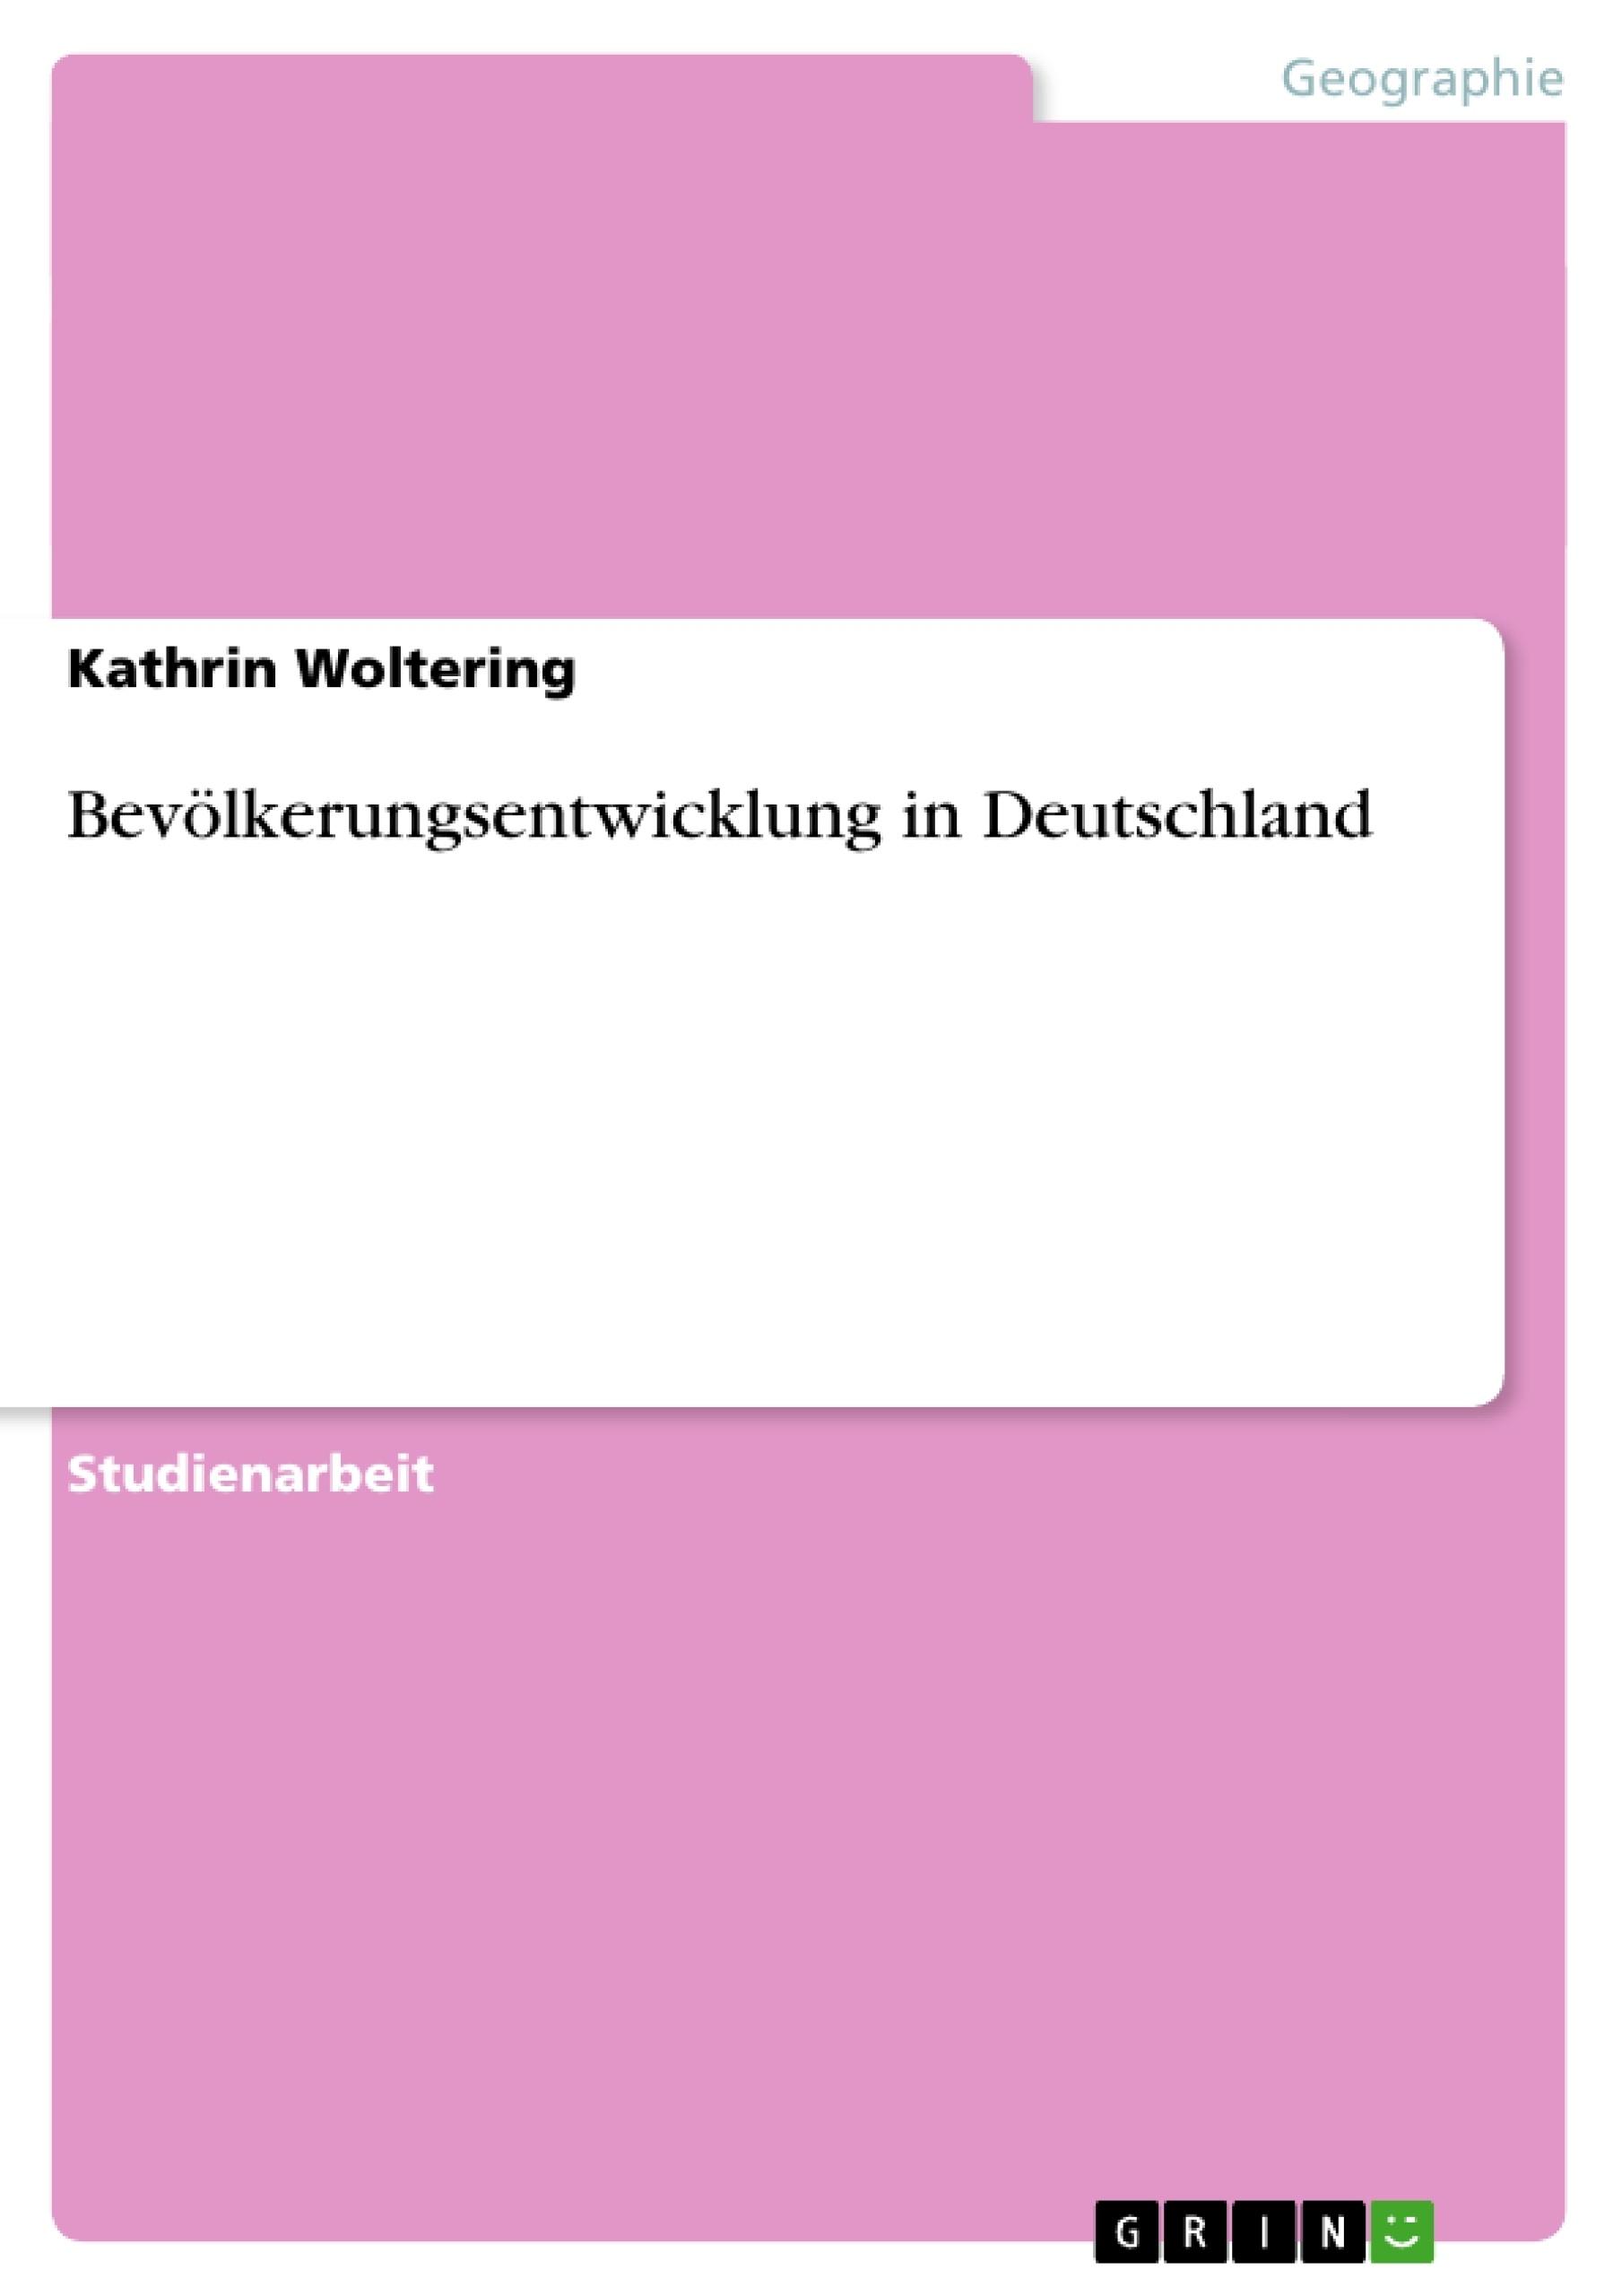 Titel: Bevölkerungsentwicklung in Deutschland